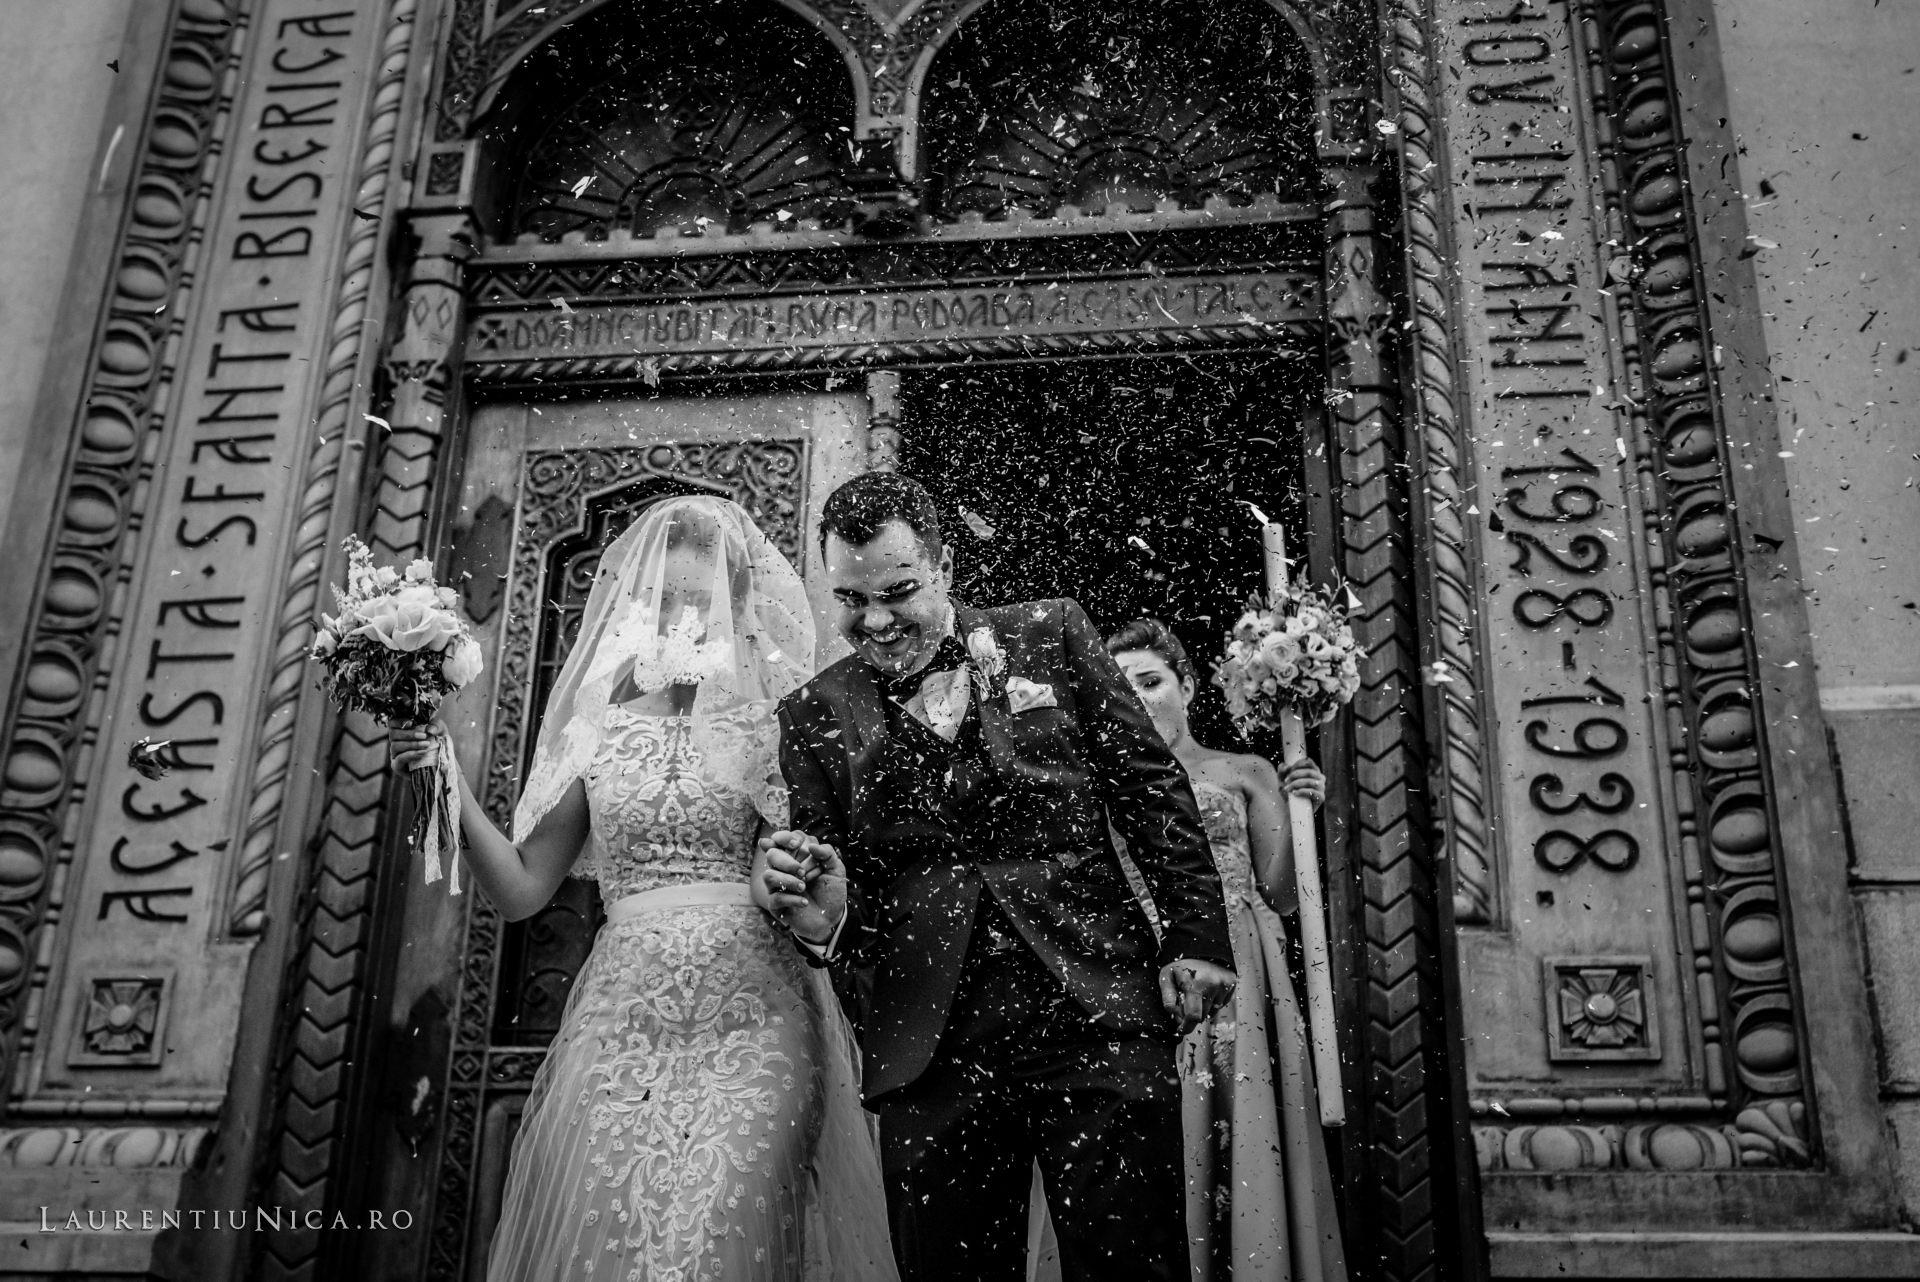 denisa si catalin fotograf nunta laurentiu nica craiova 53 - Denisa si Catalin | Fotografii nunta | Craiova